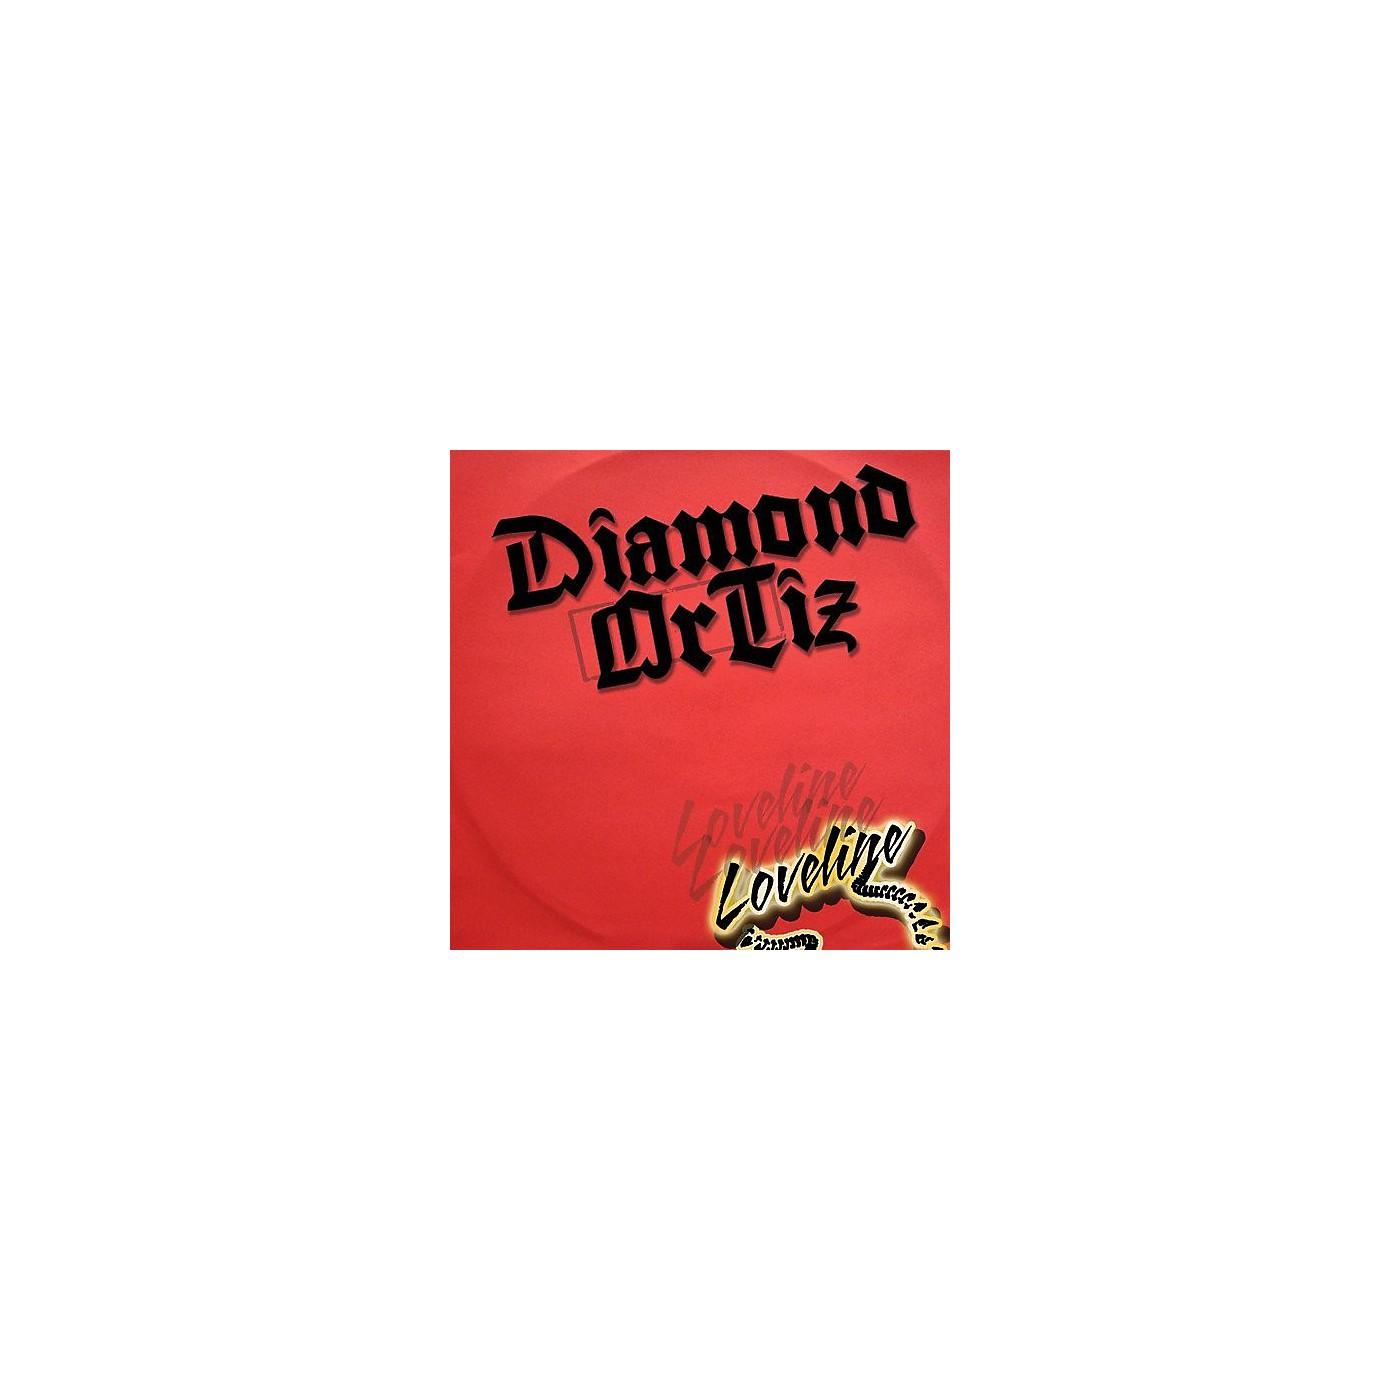 Alliance Diamond Ortiz - Loveline thumbnail